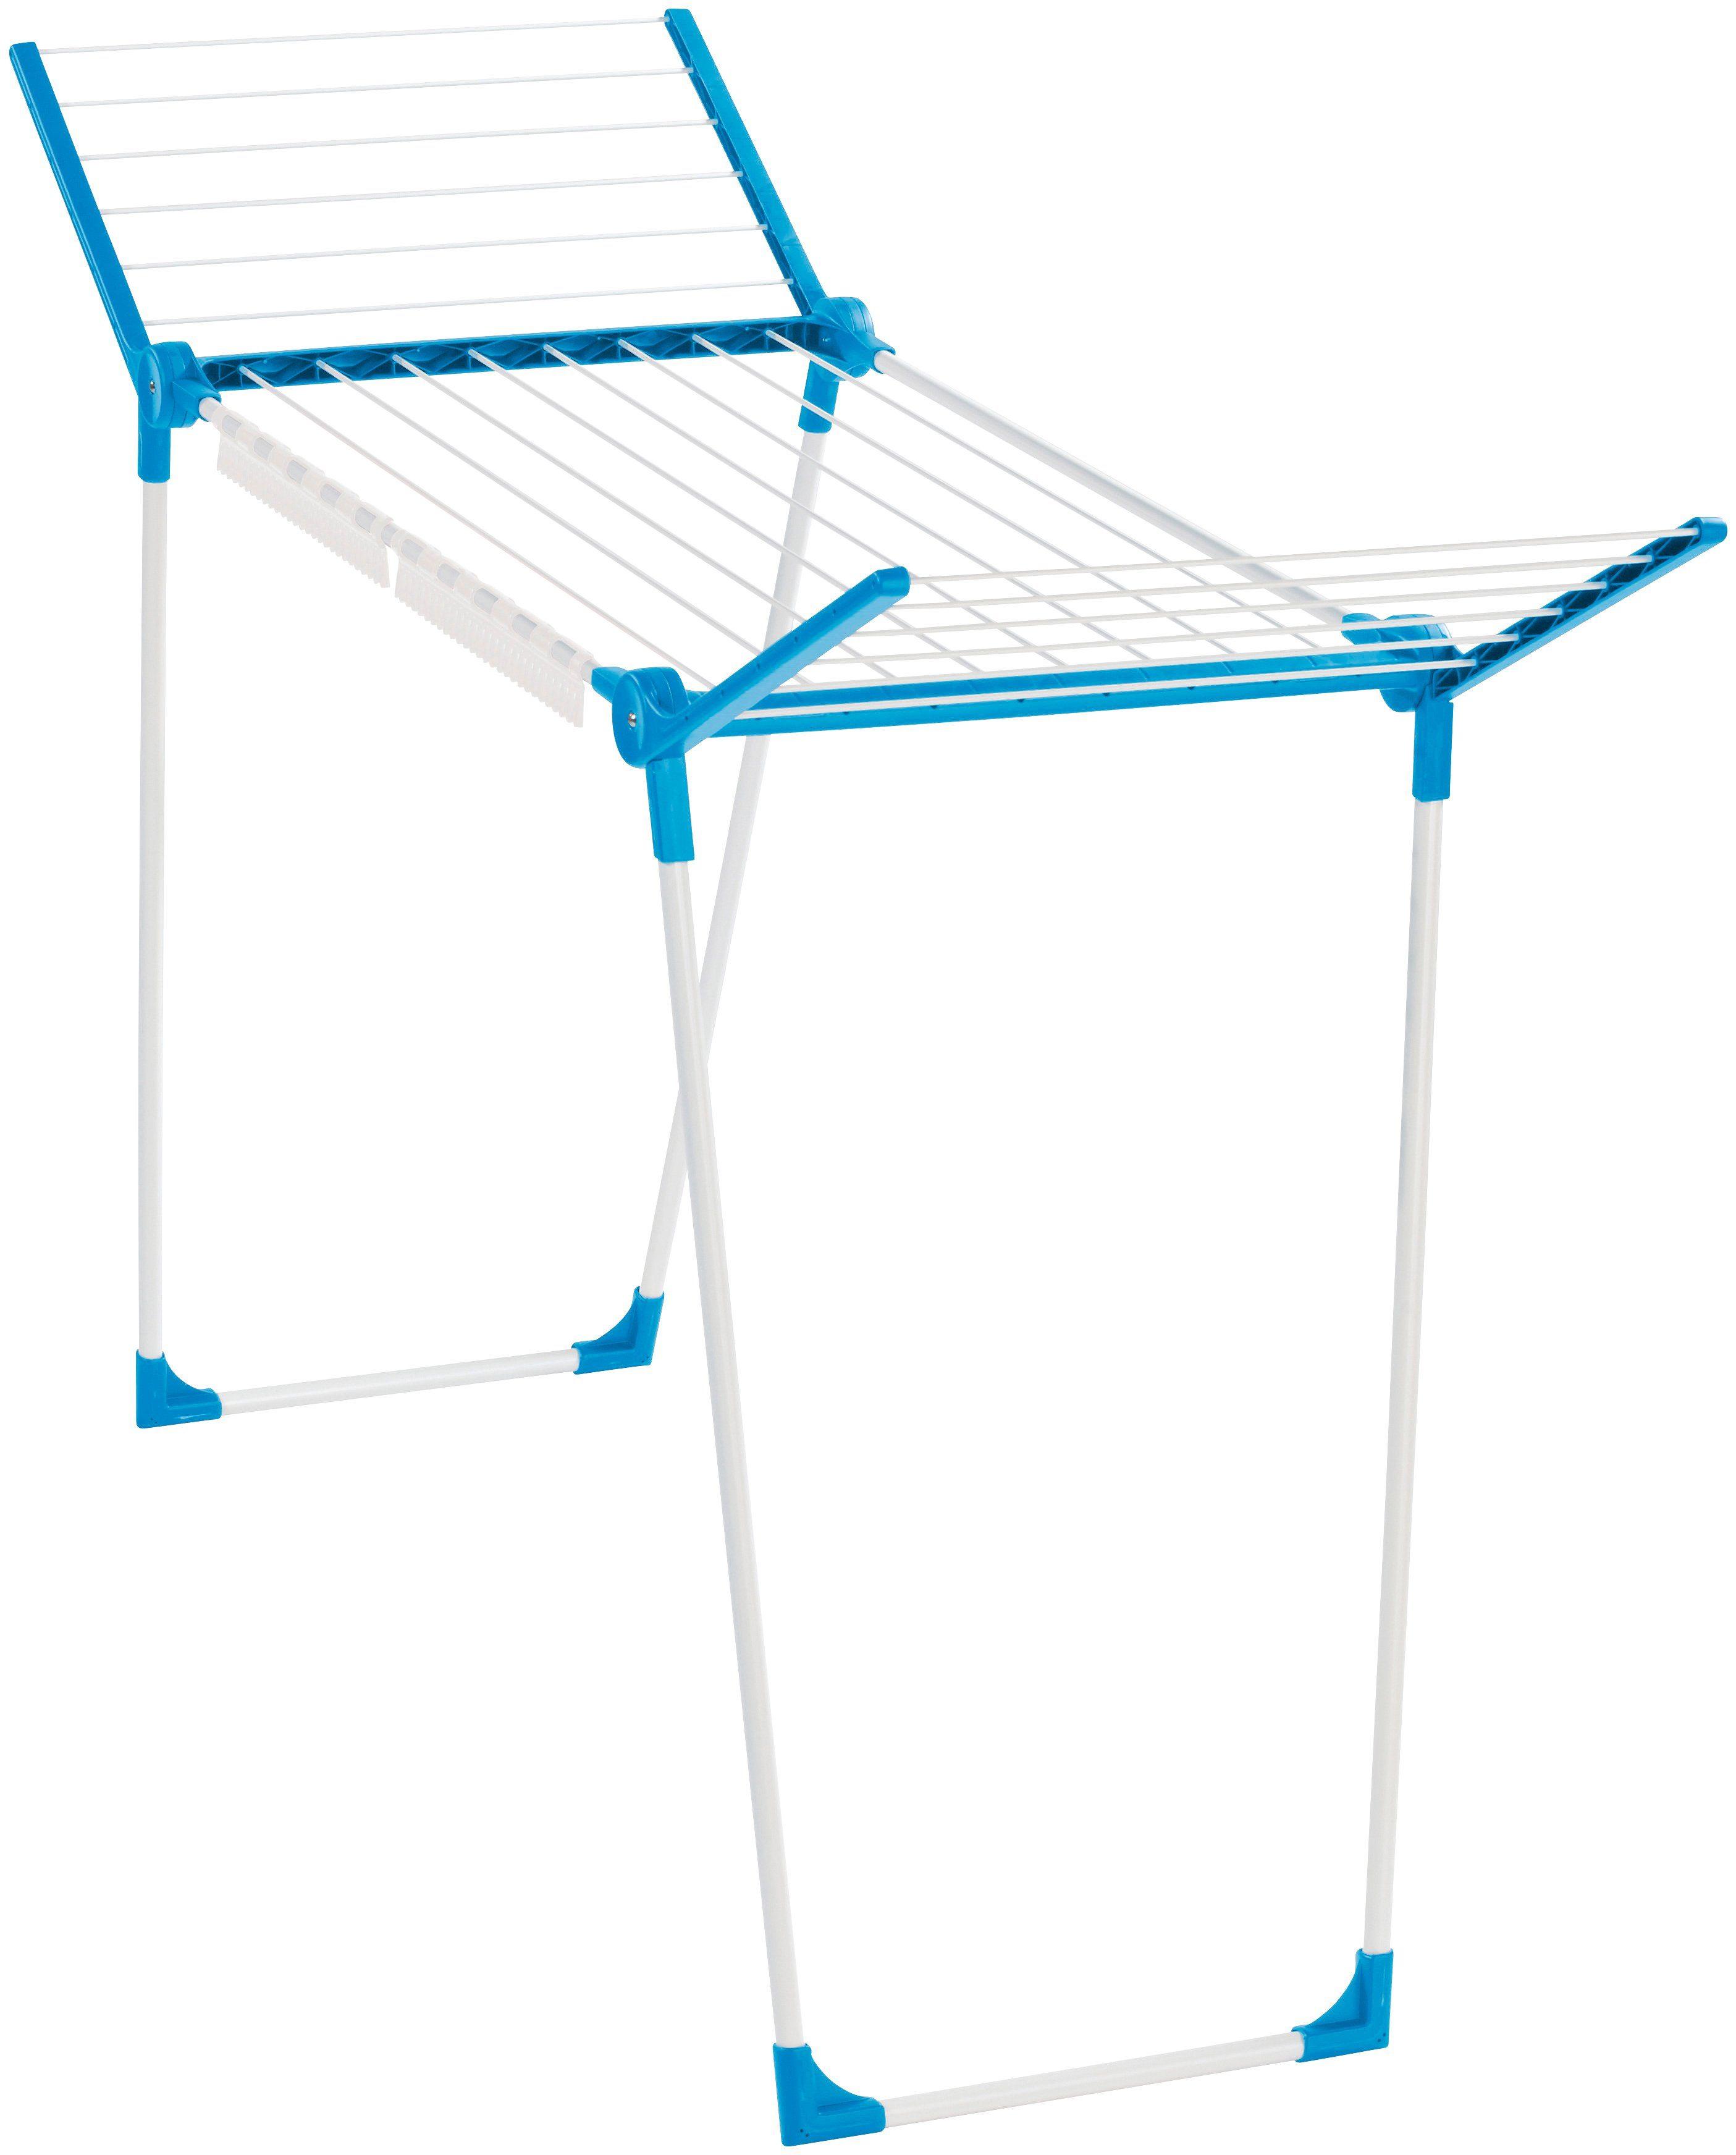 Wäschetrockner »Pegasus 150 Slim« in Farbe Sky Blue